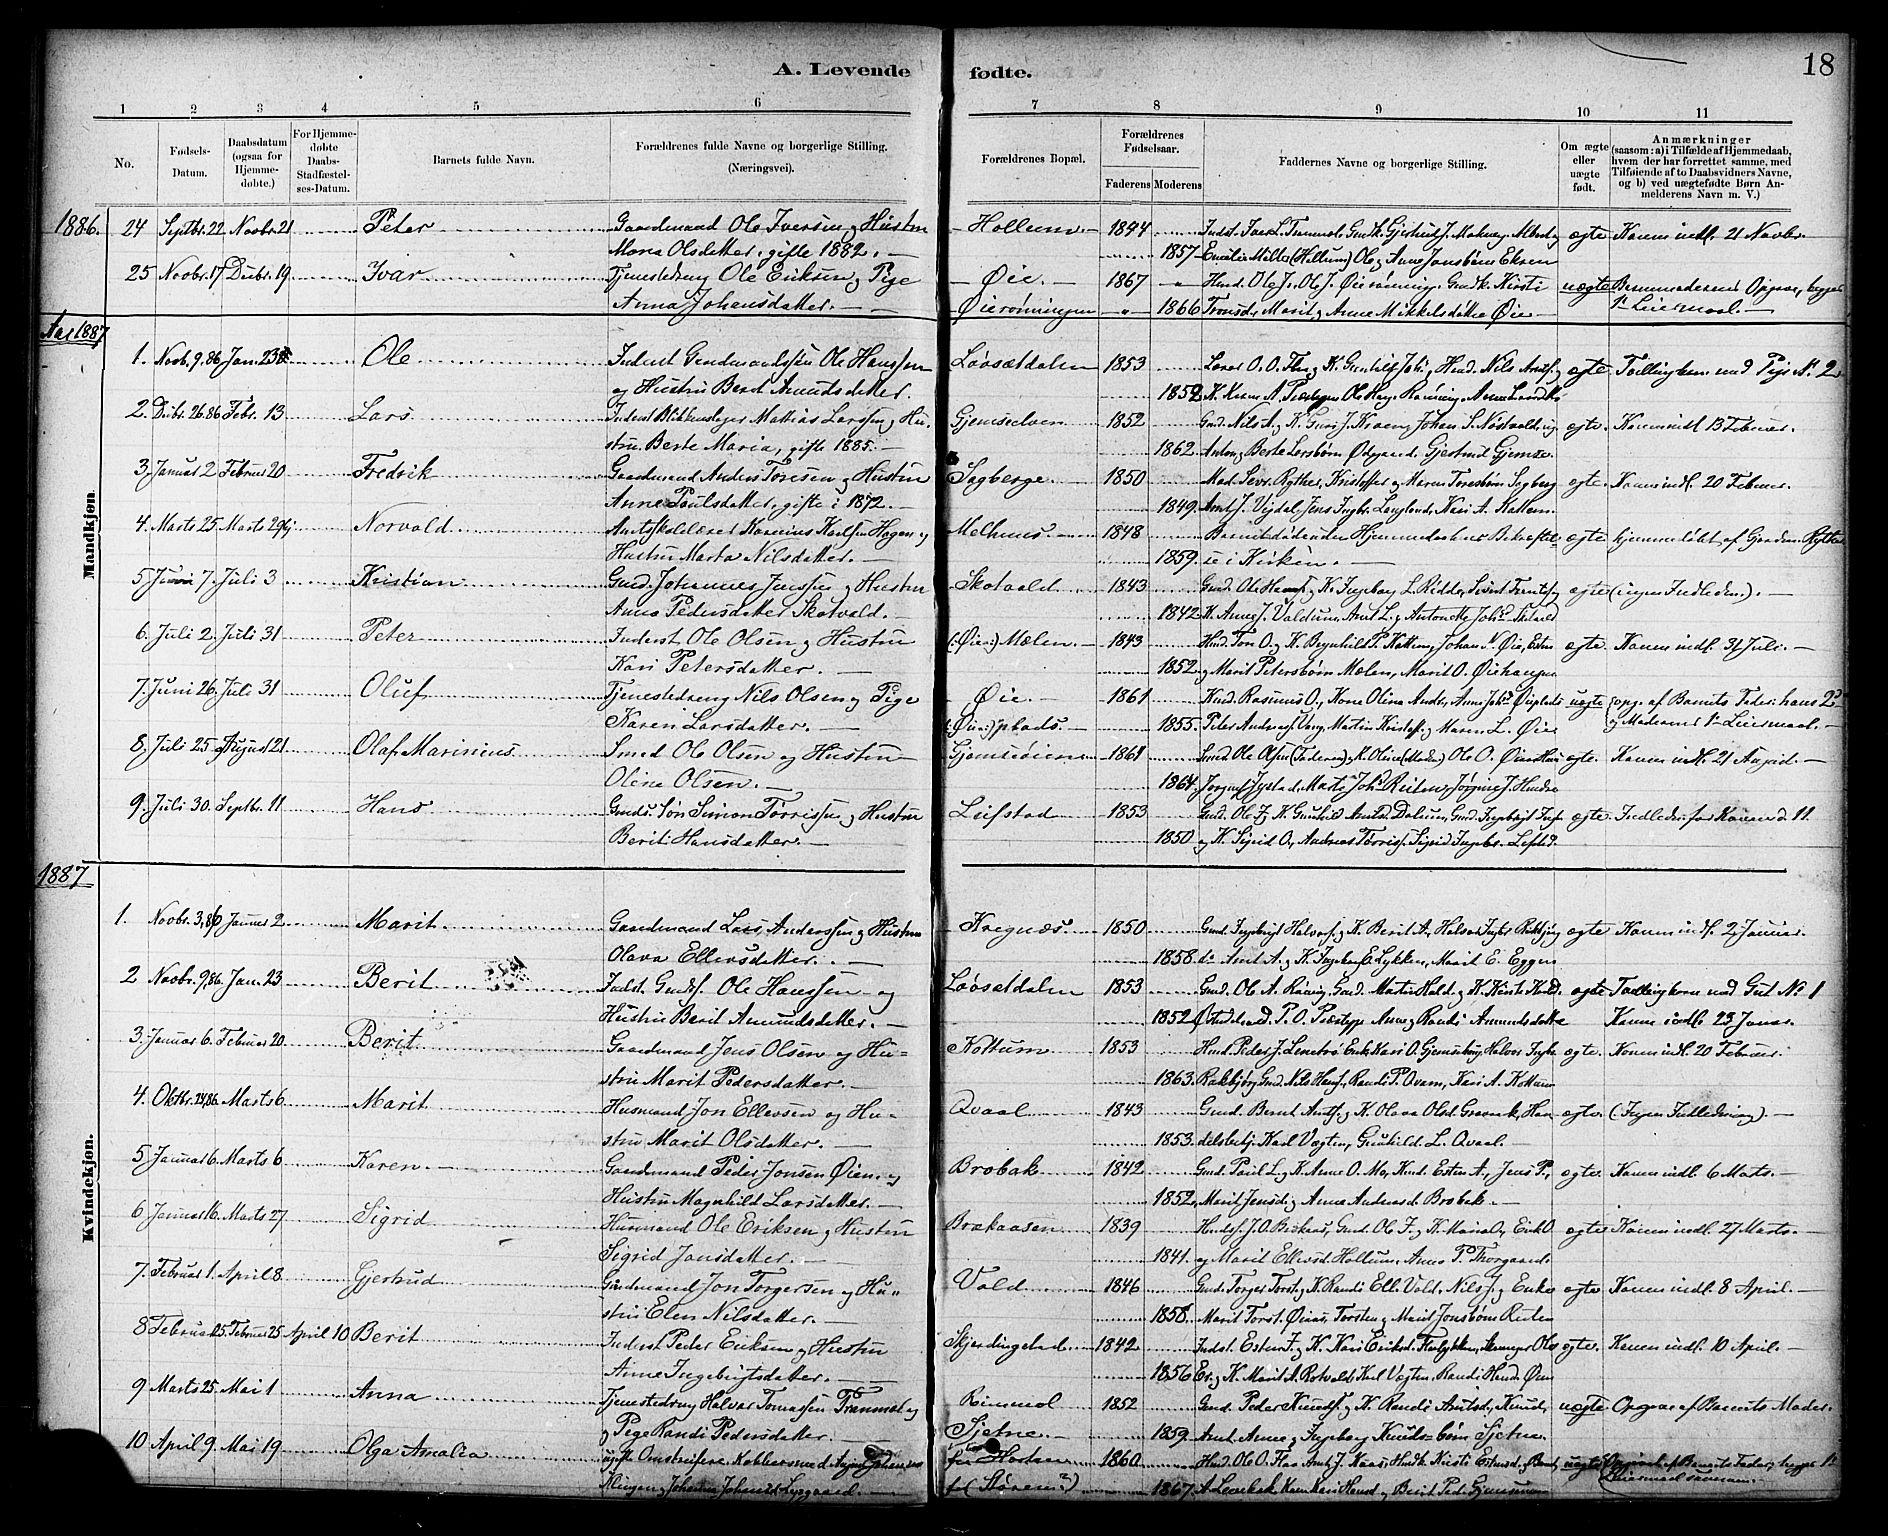 SAT, Ministerialprotokoller, klokkerbøker og fødselsregistre - Sør-Trøndelag, 691/L1094: Klokkerbok nr. 691C05, 1879-1911, s. 18